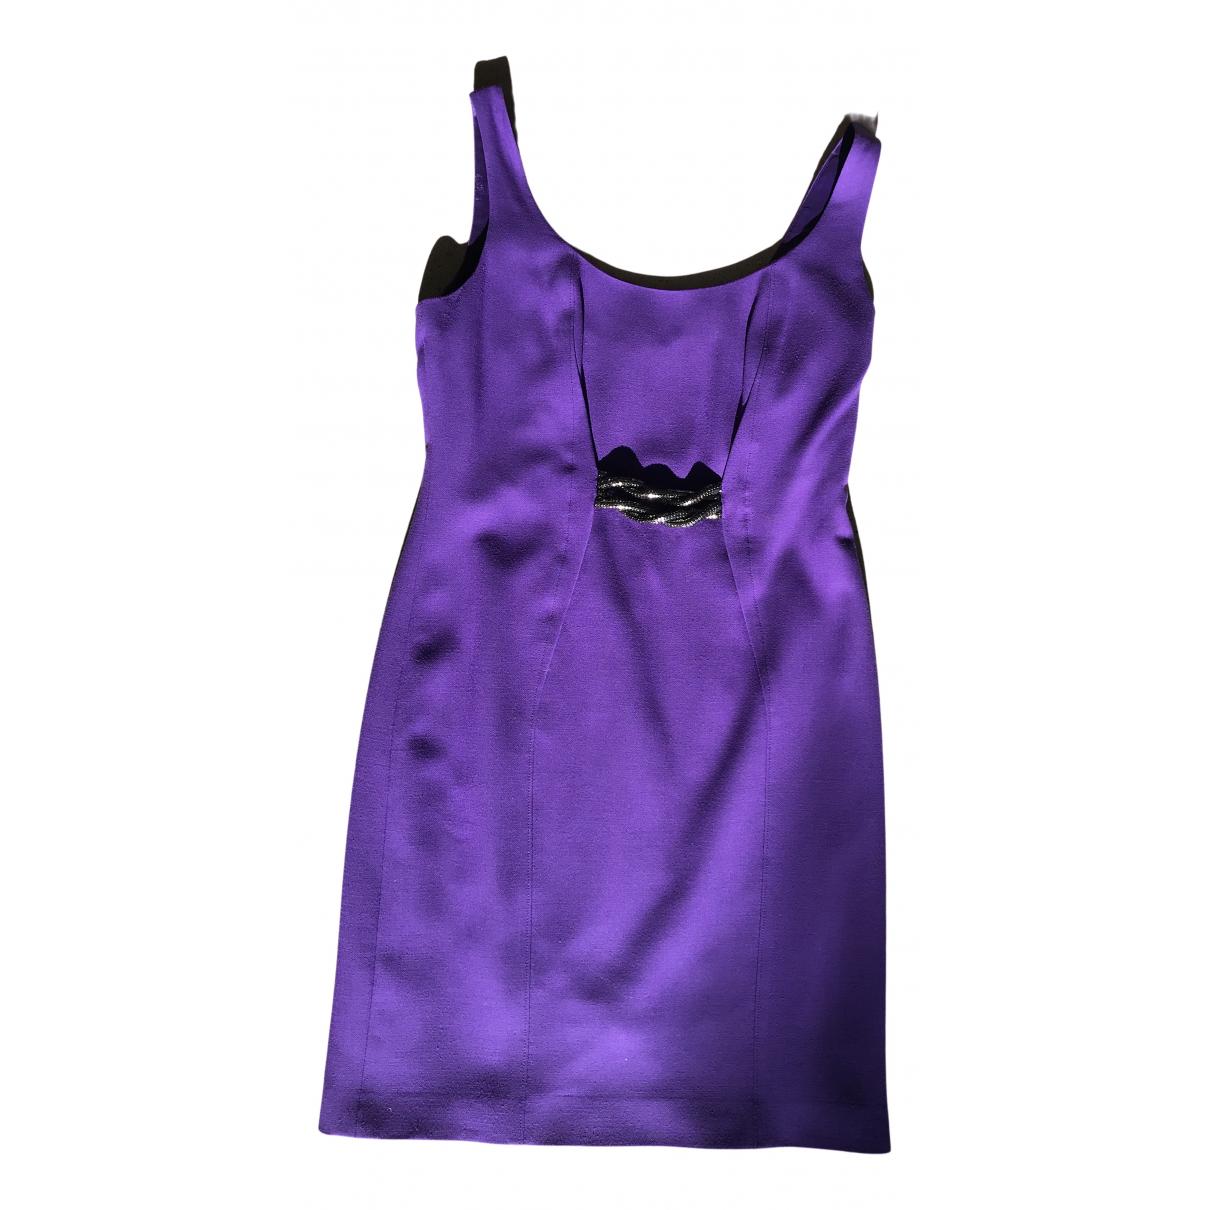 Gianni Versace - Robe   pour femme en laine - violet